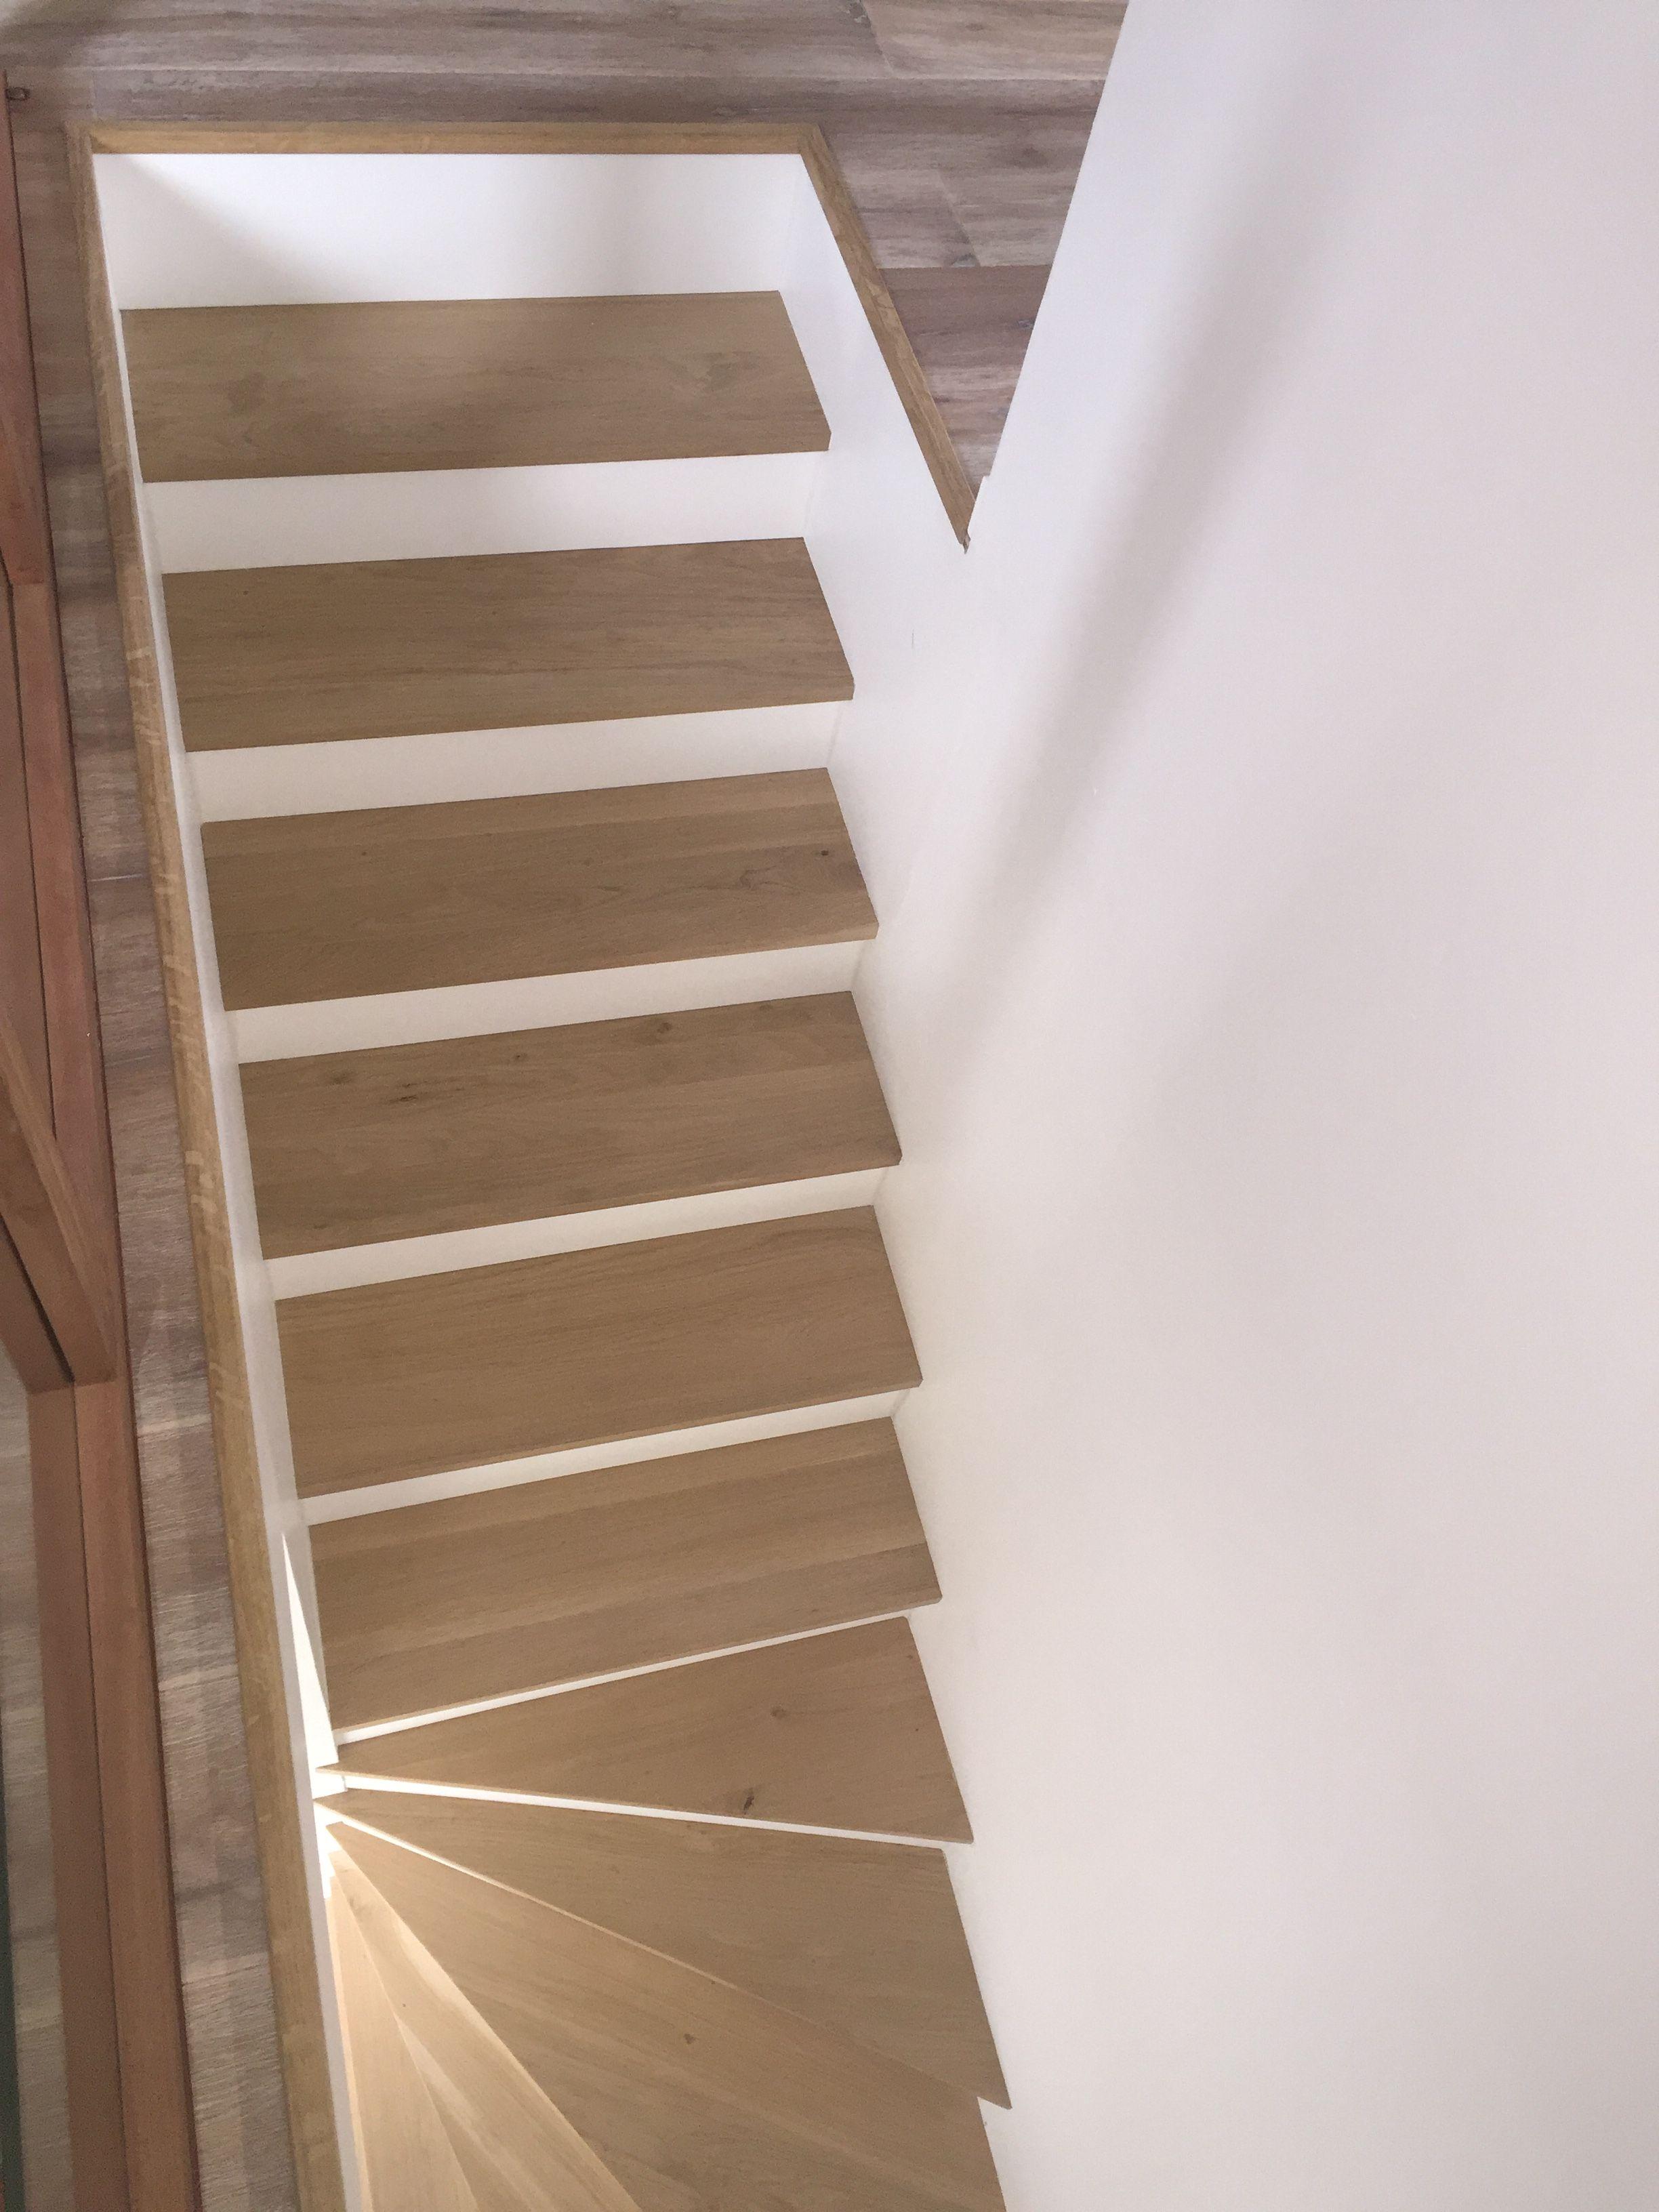 Des Marches D Escaliers En Chene Massif Pour Une Piece Unique Par Centre Bois Massif Escalier En Chene Escalier Parquet Chene Massif